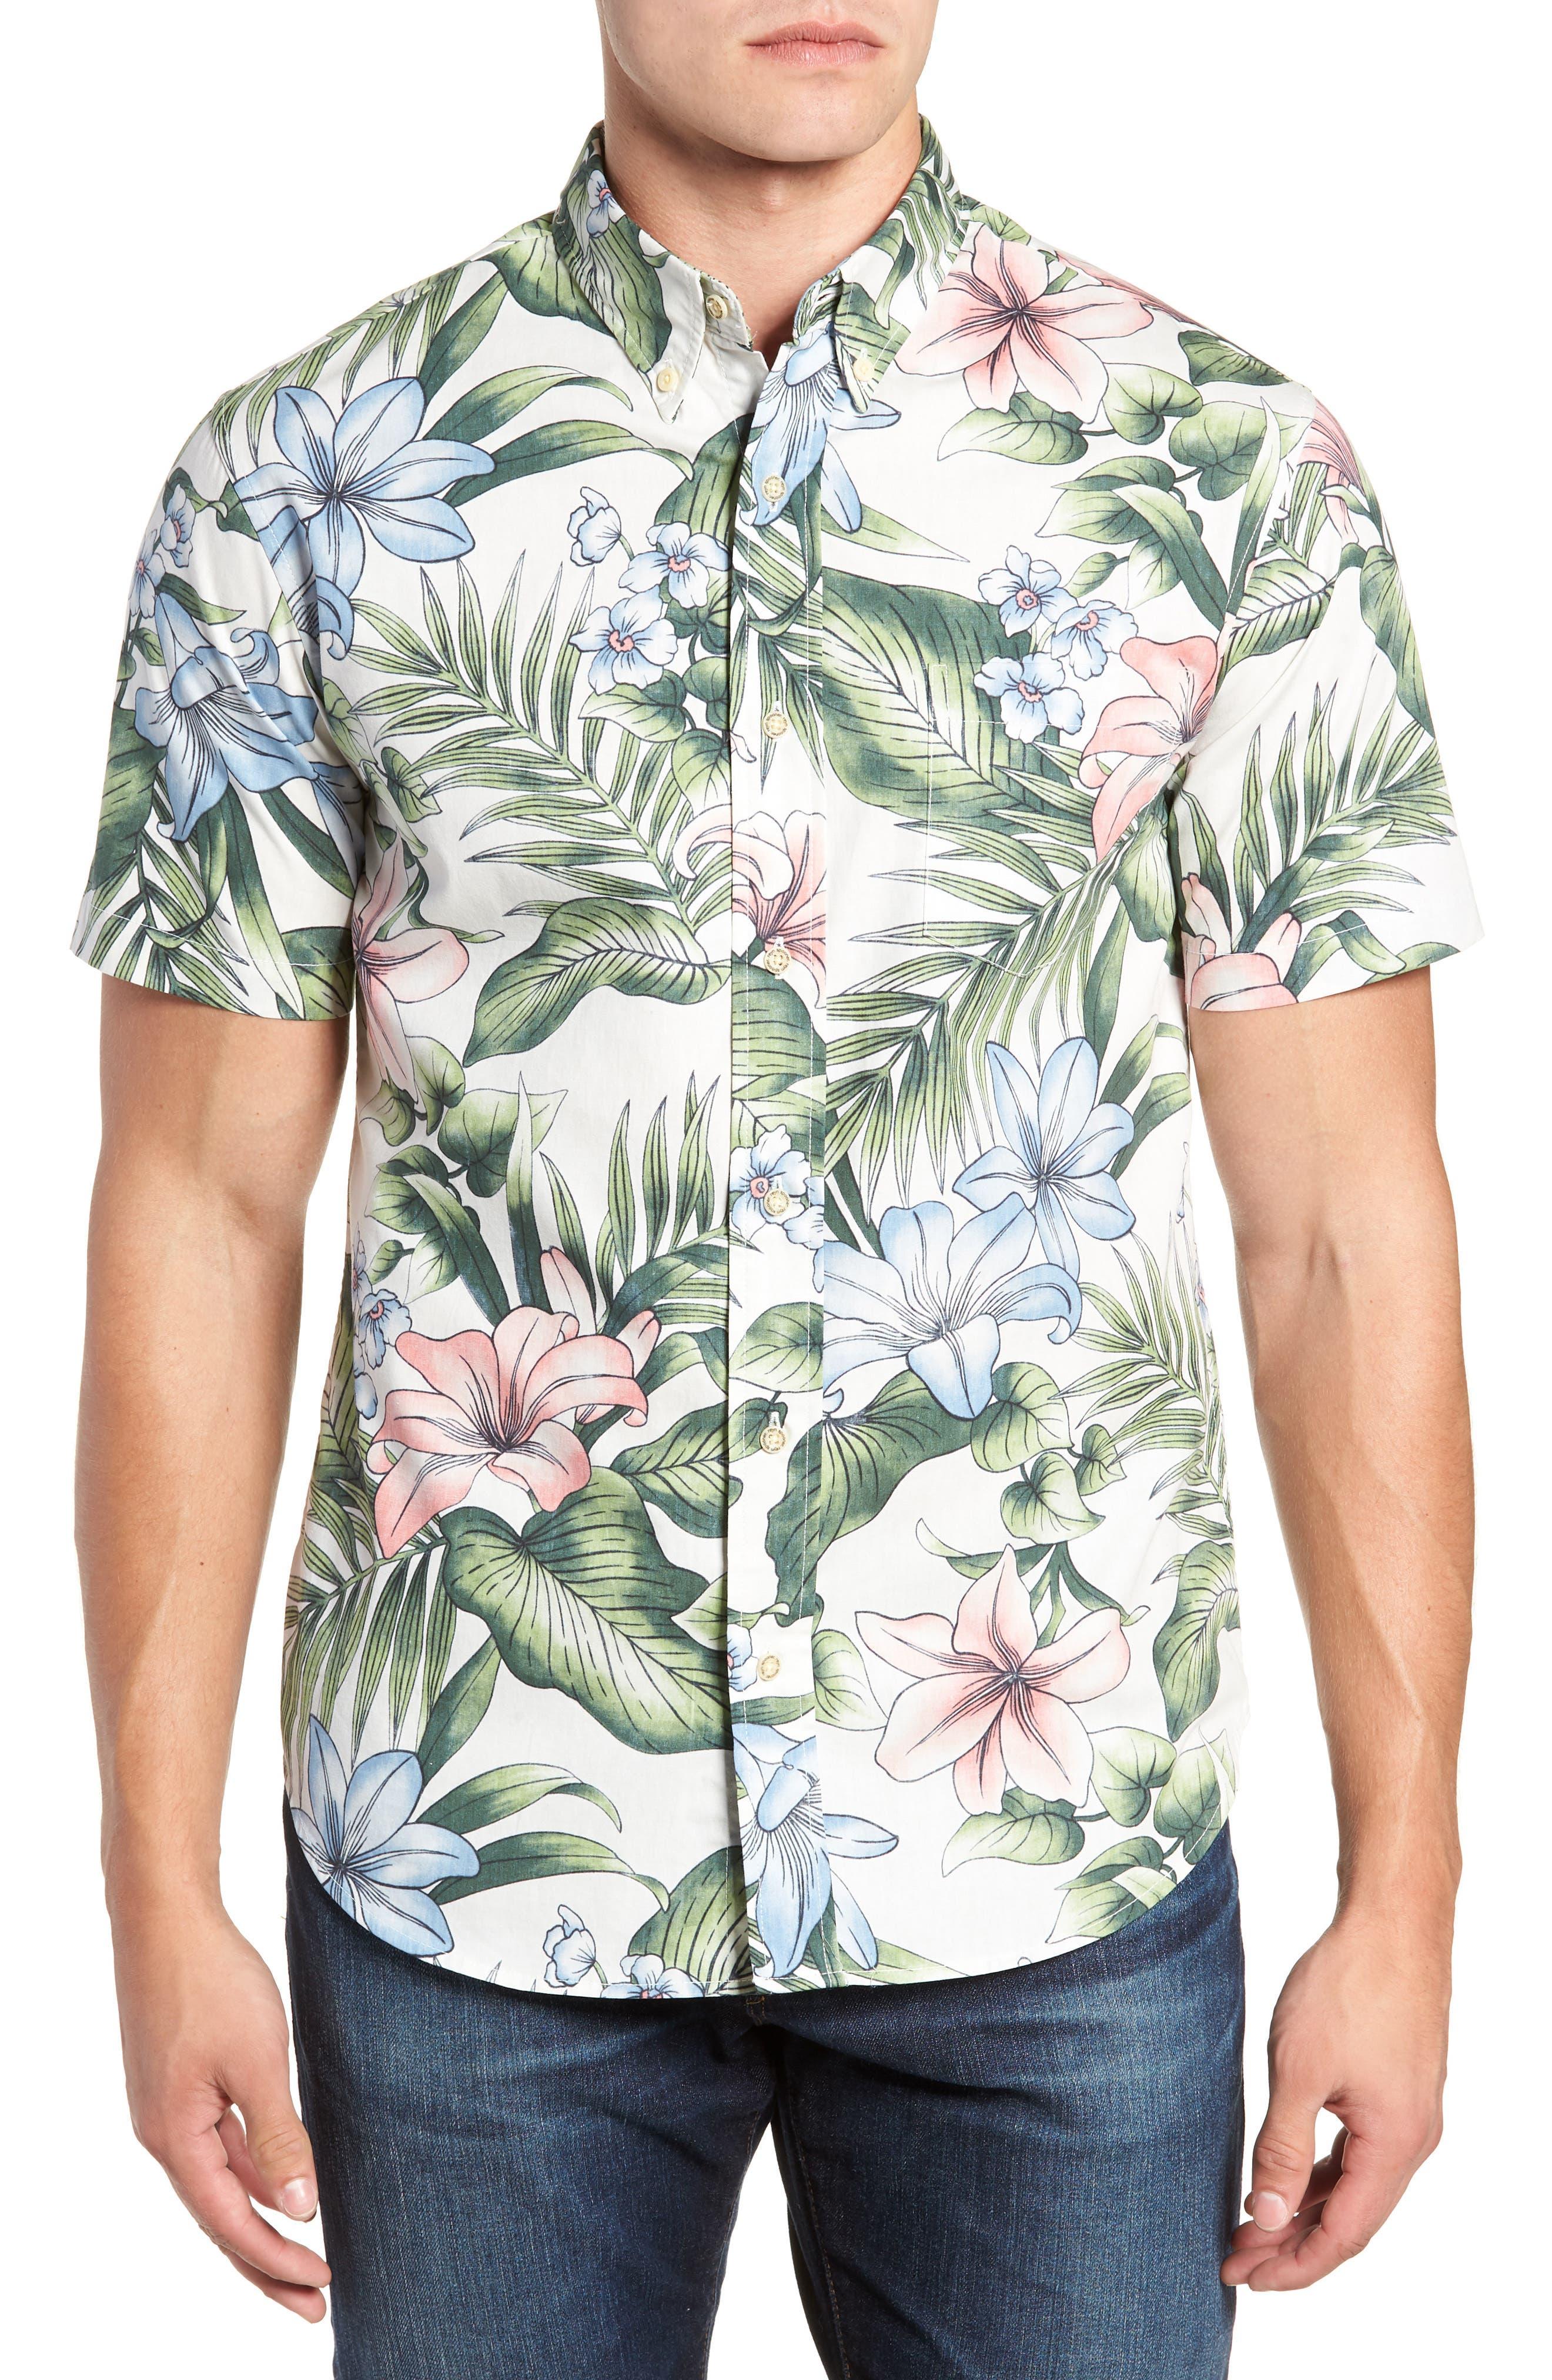 Uluhehi Regular Fit Sport Shirt,                             Main thumbnail 1, color,                             104